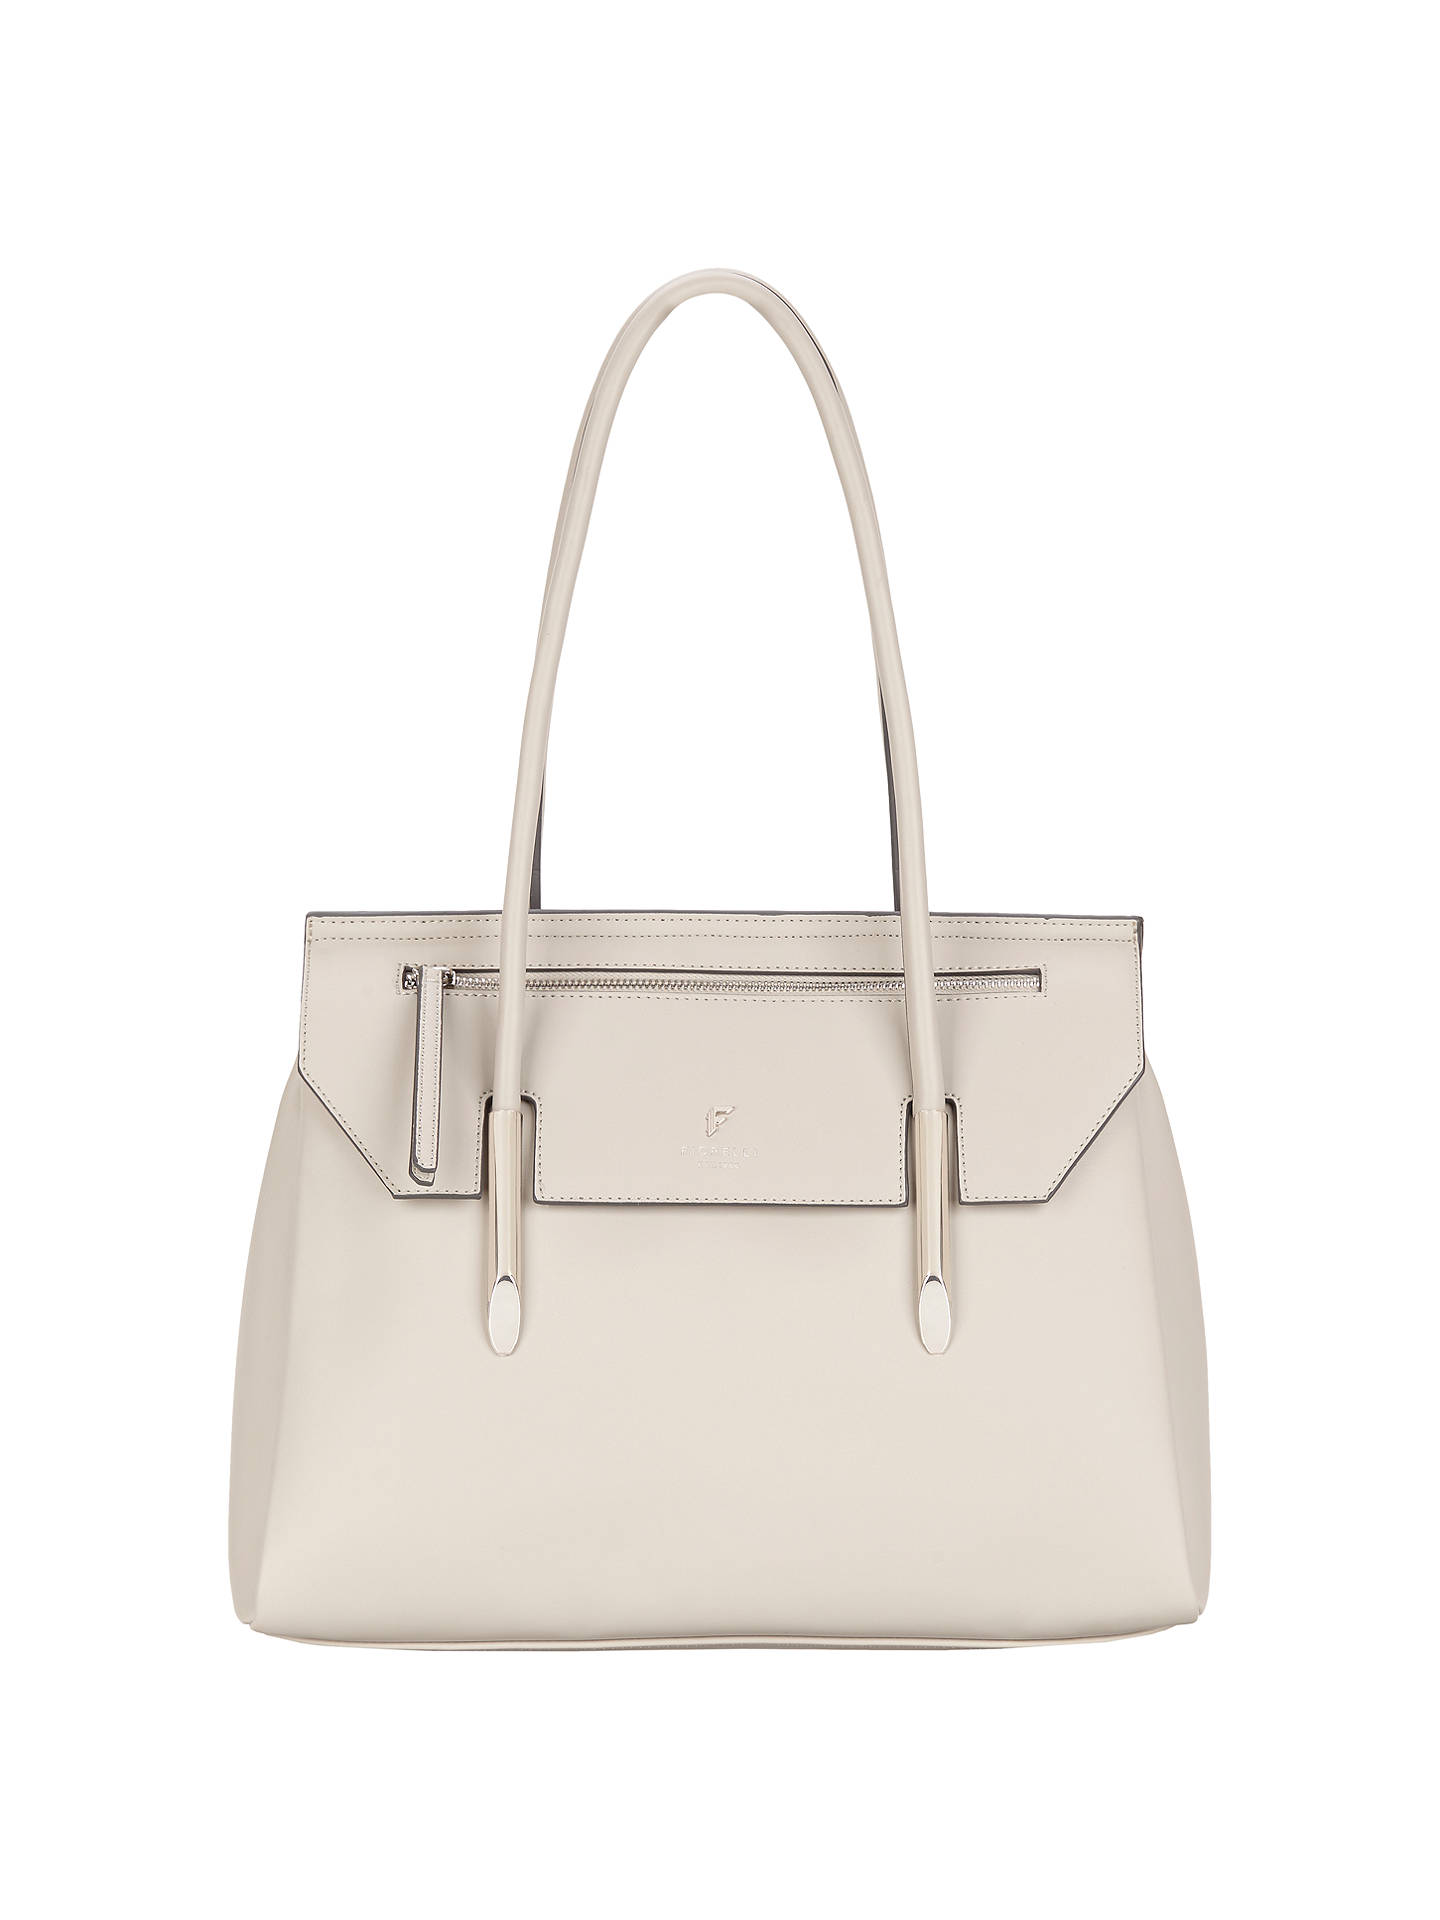 95637edd76f8 BuyFiorelli Carlton Tote Bag